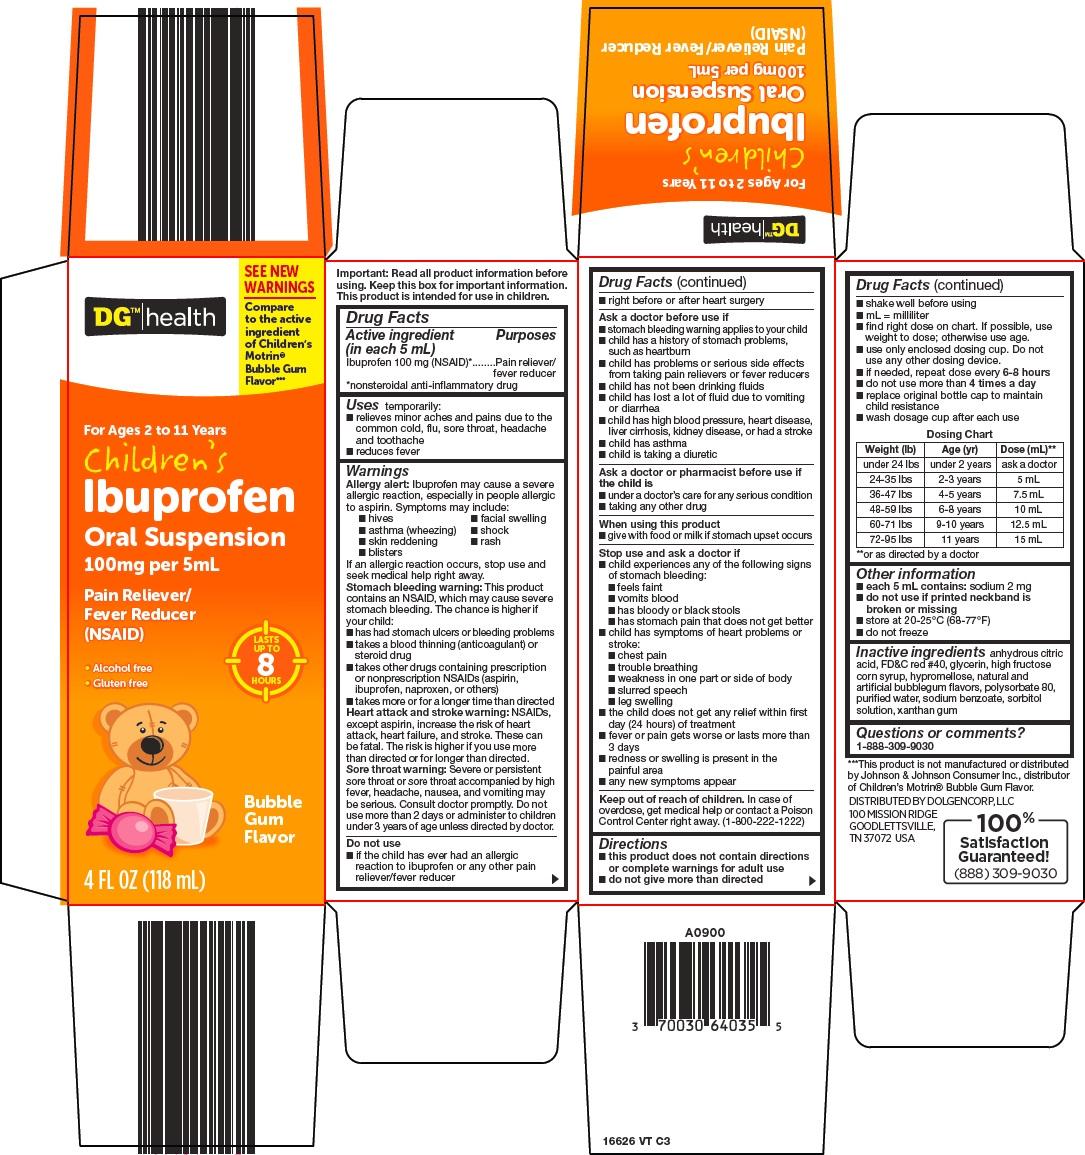 166VT-childrens-ibuprofen.jpg